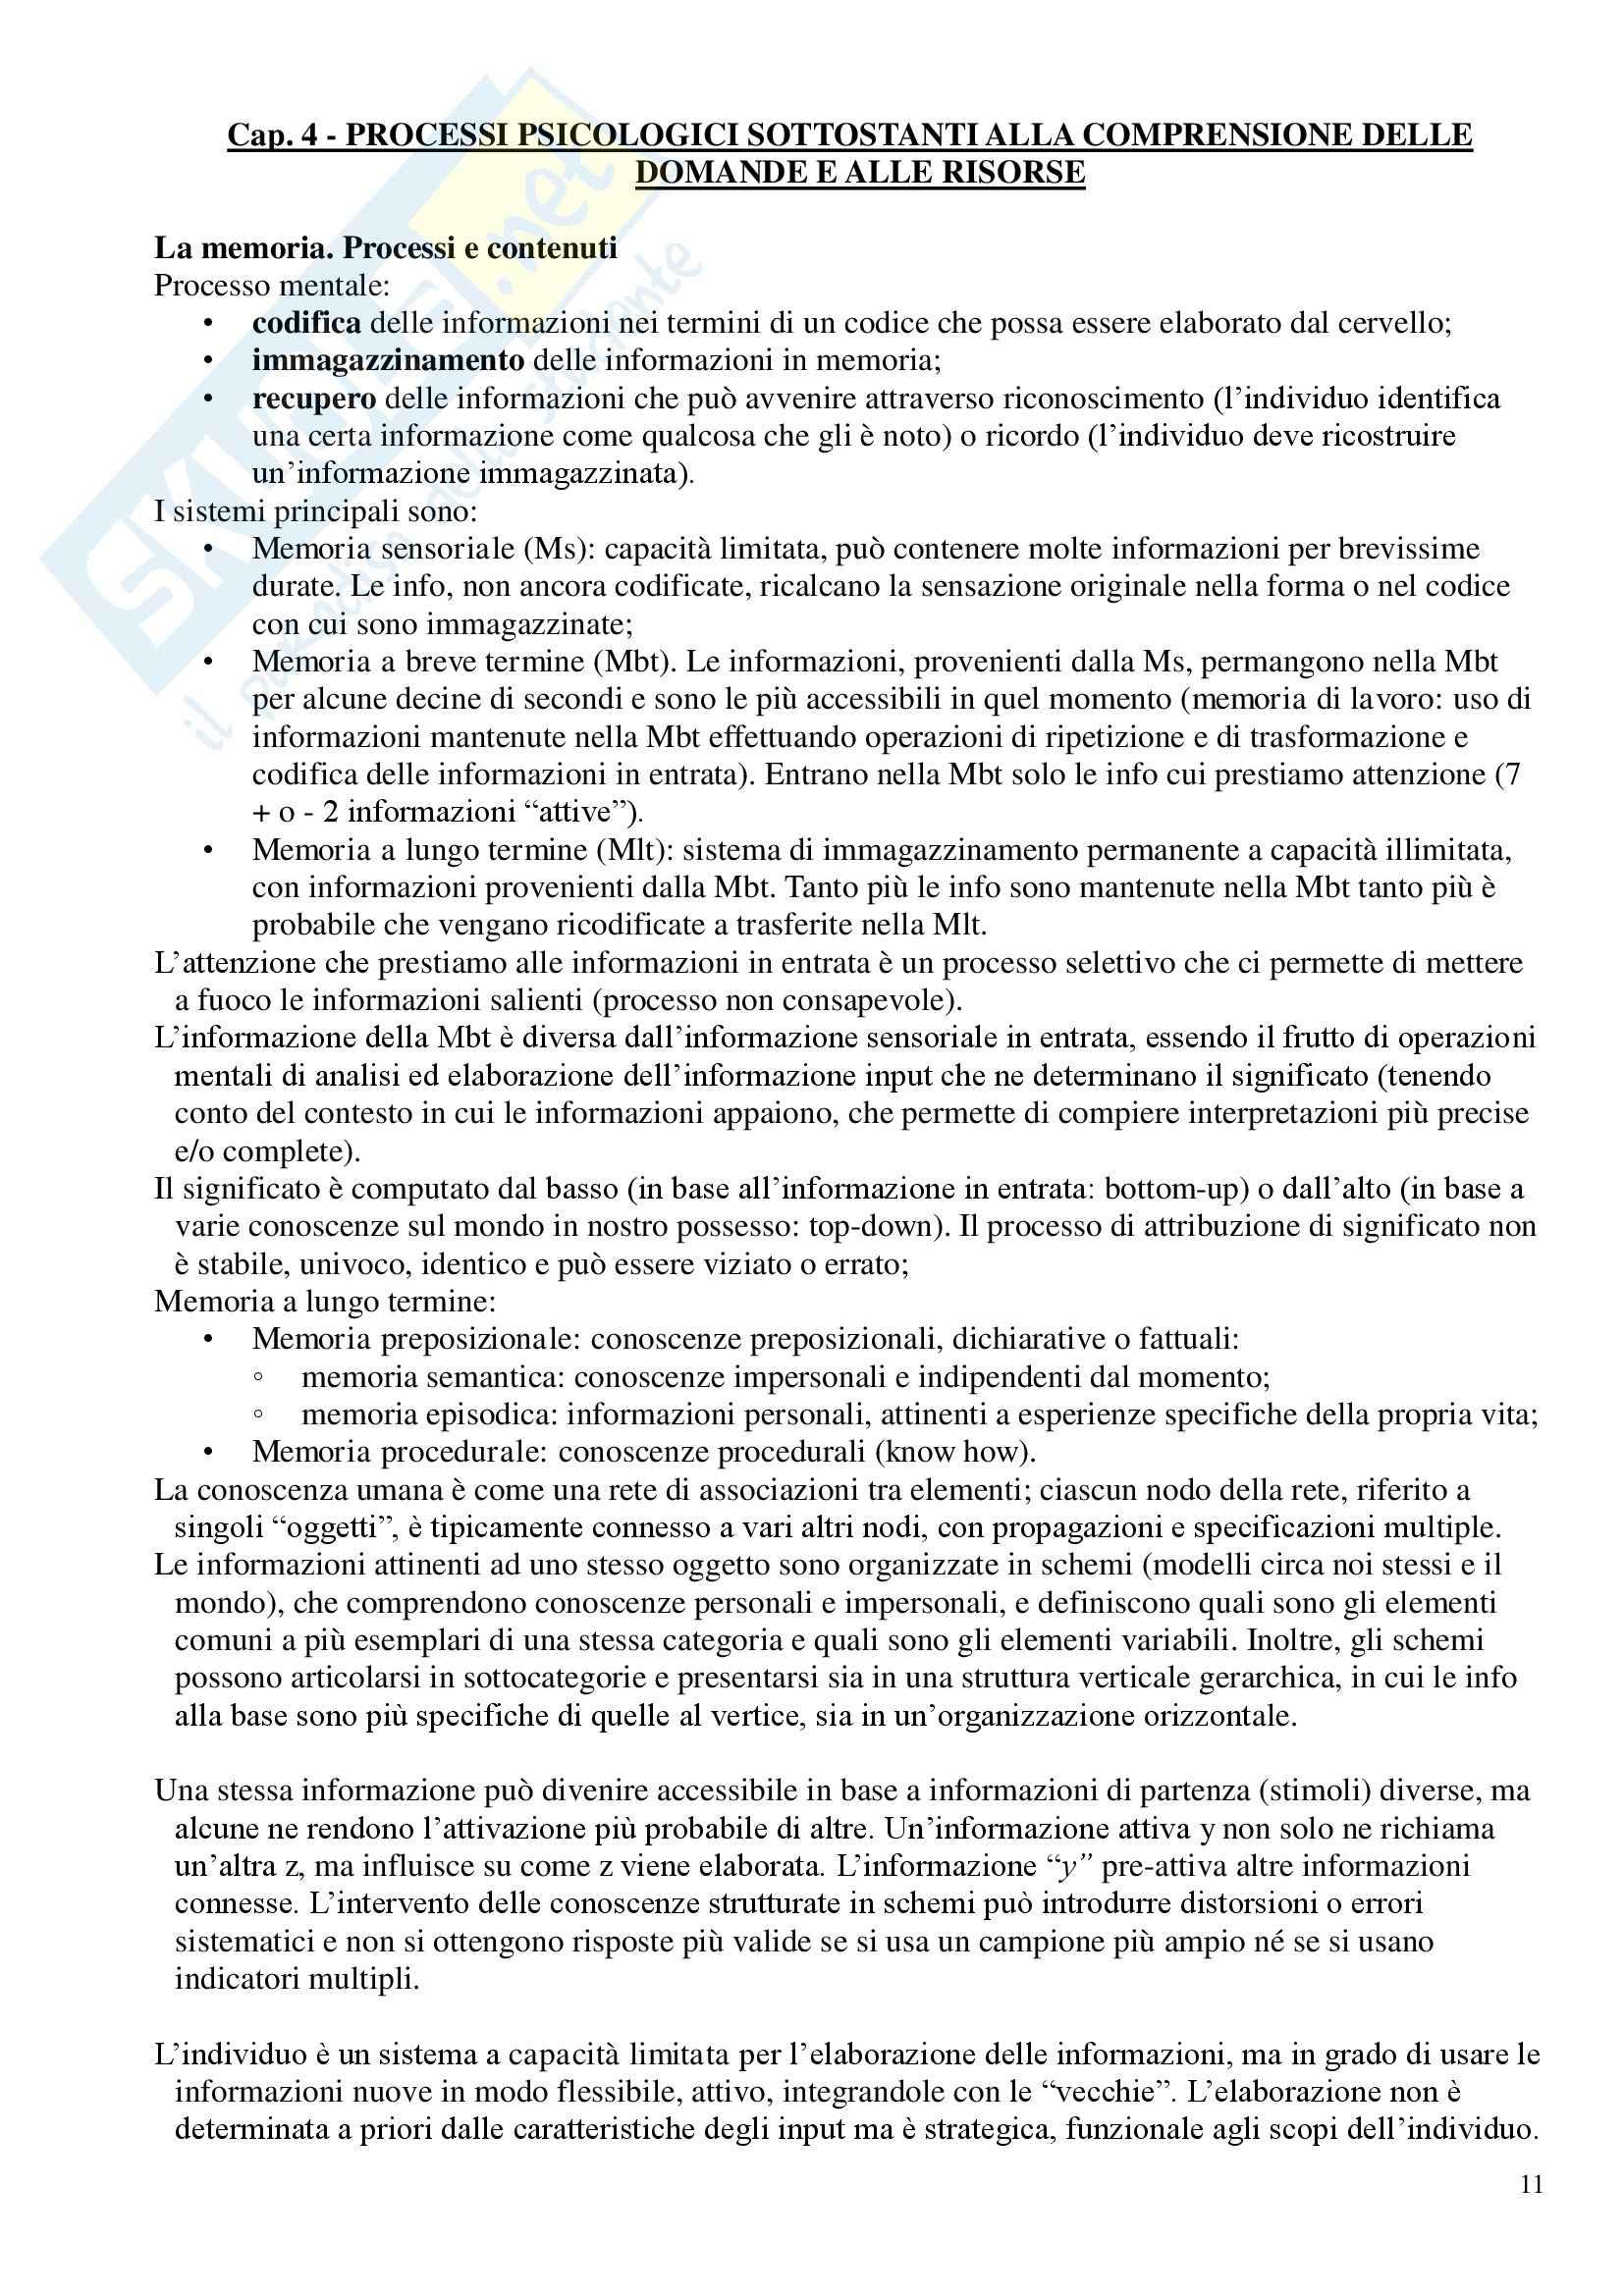 Riassunto esame Tecniche dell'intervista e del questionario, prof. Zammuner Pag. 11